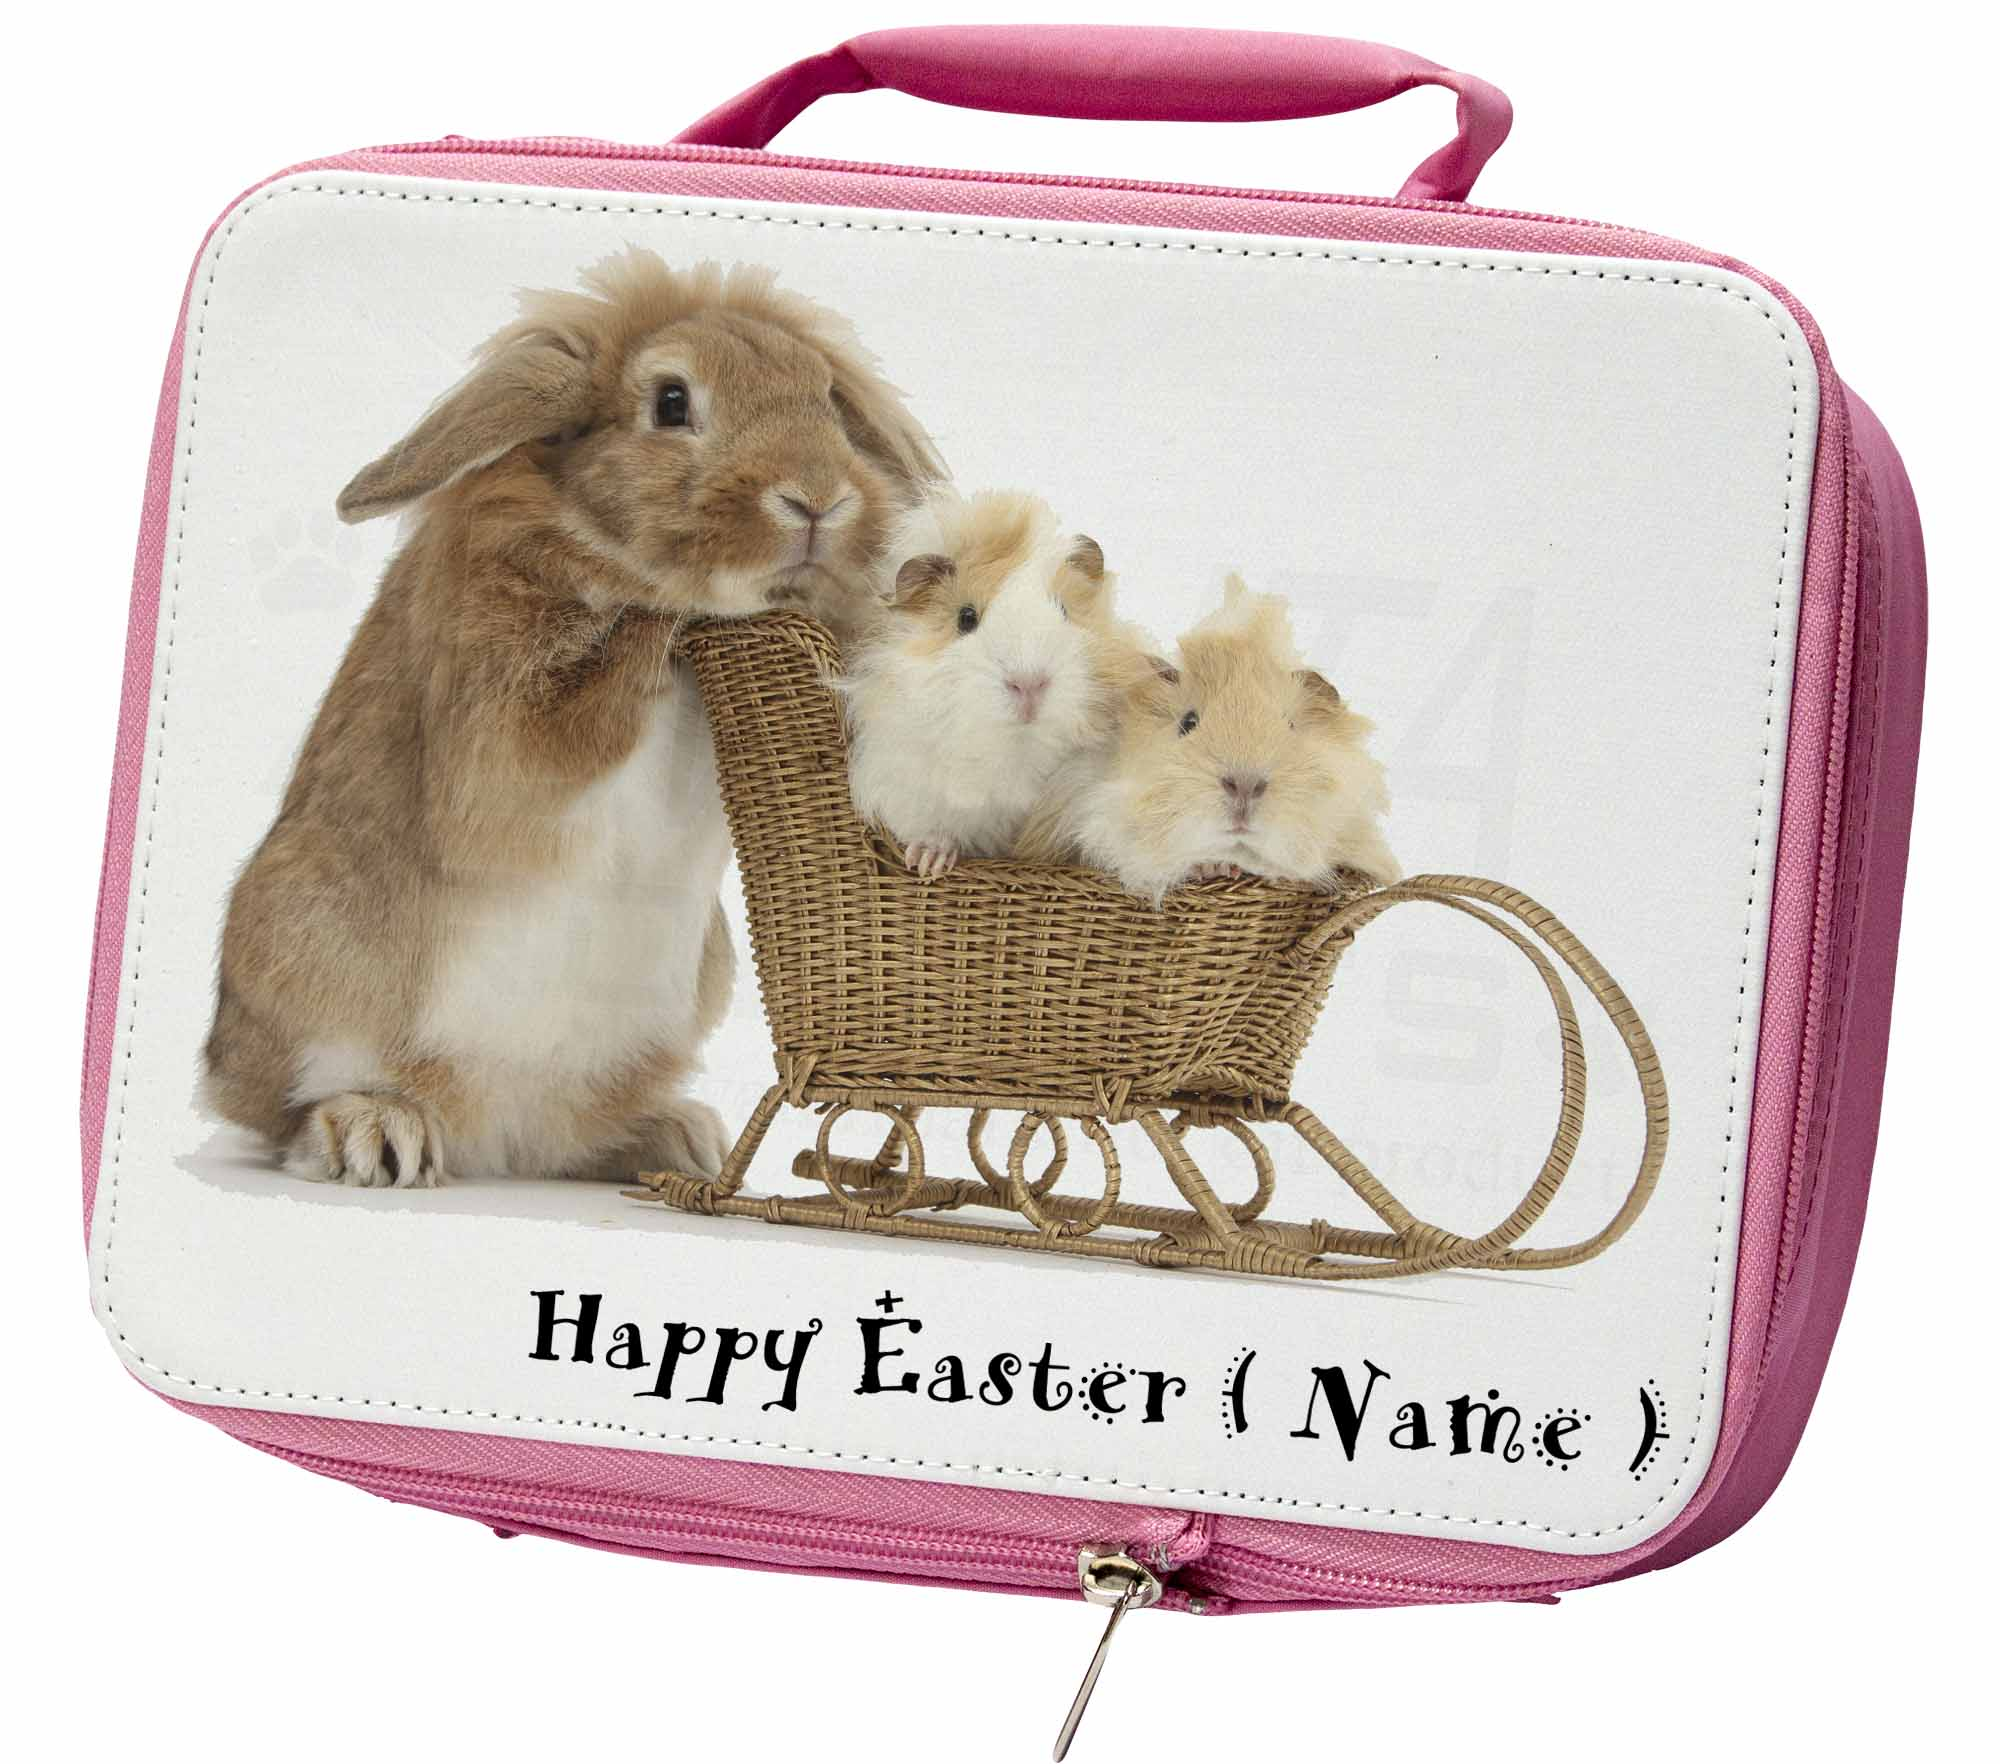 Personalizado-Conejo-Cerdos-aislante-ROSA-Almuerzo-Escolar-Caja